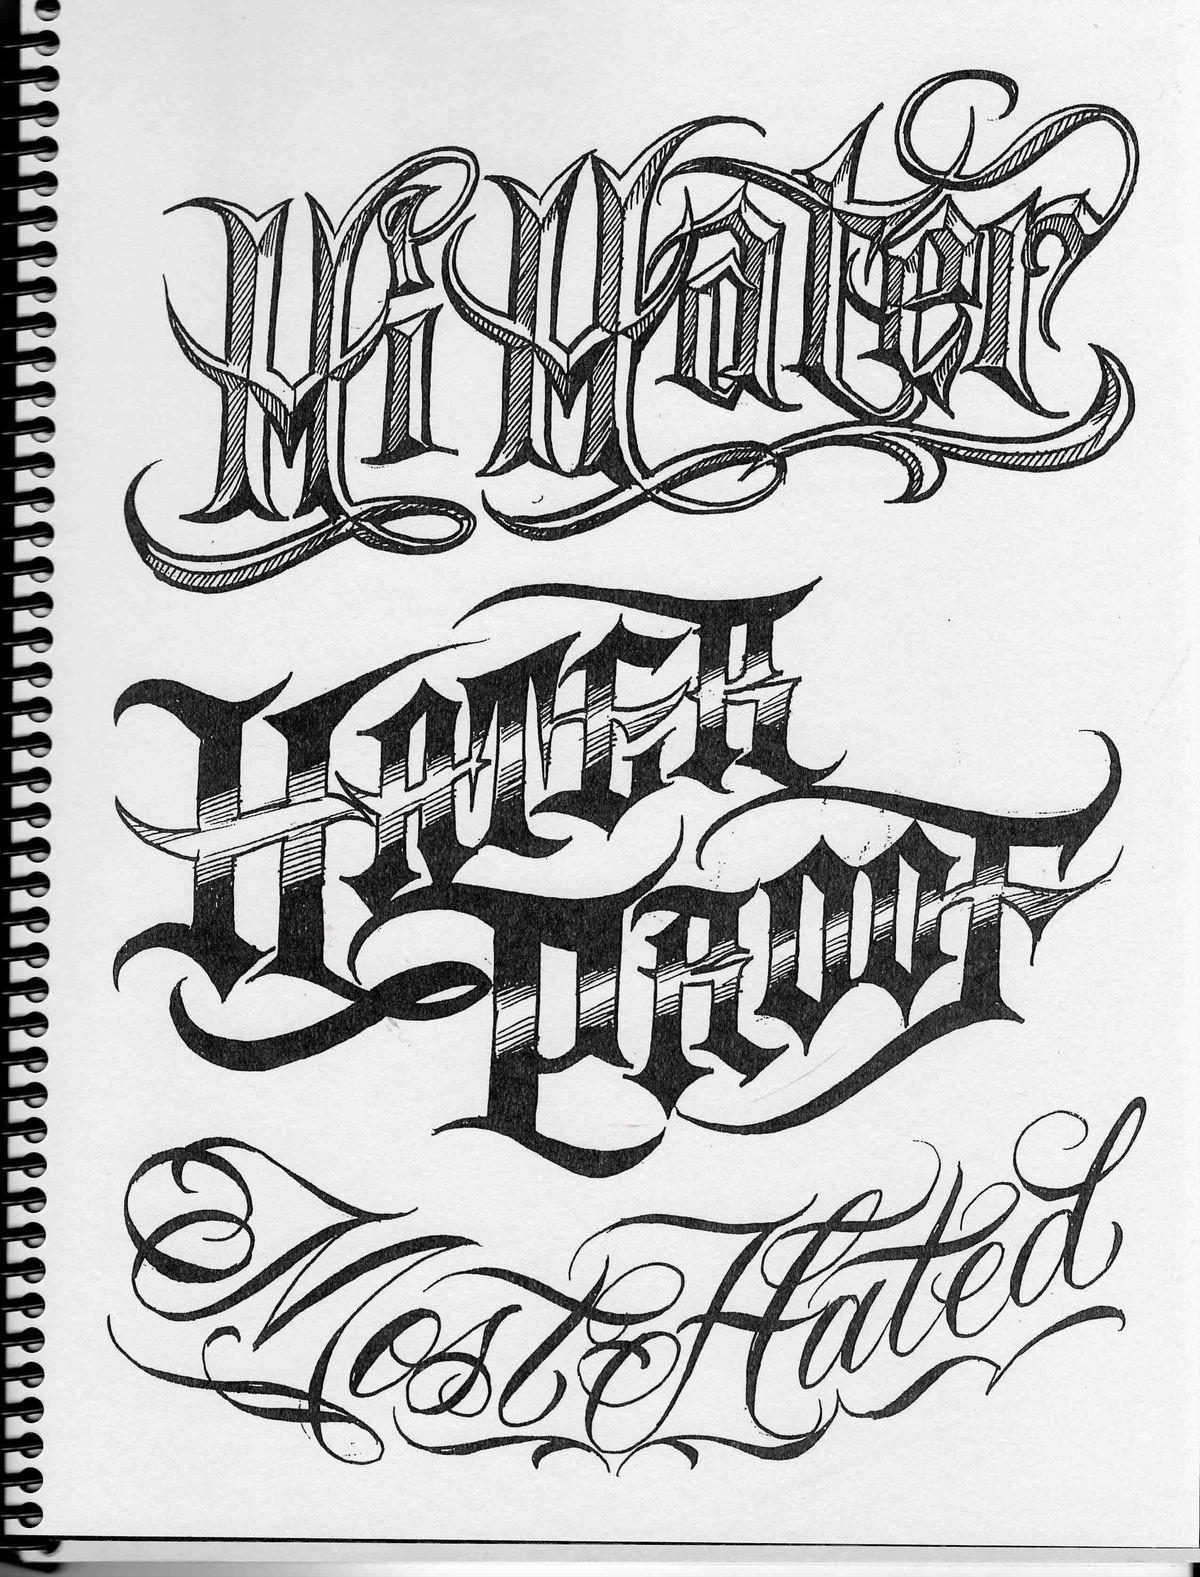 Chicano Lettering : chicano, lettering, Hater, Script, Chicano, Lettering,, Graffiti